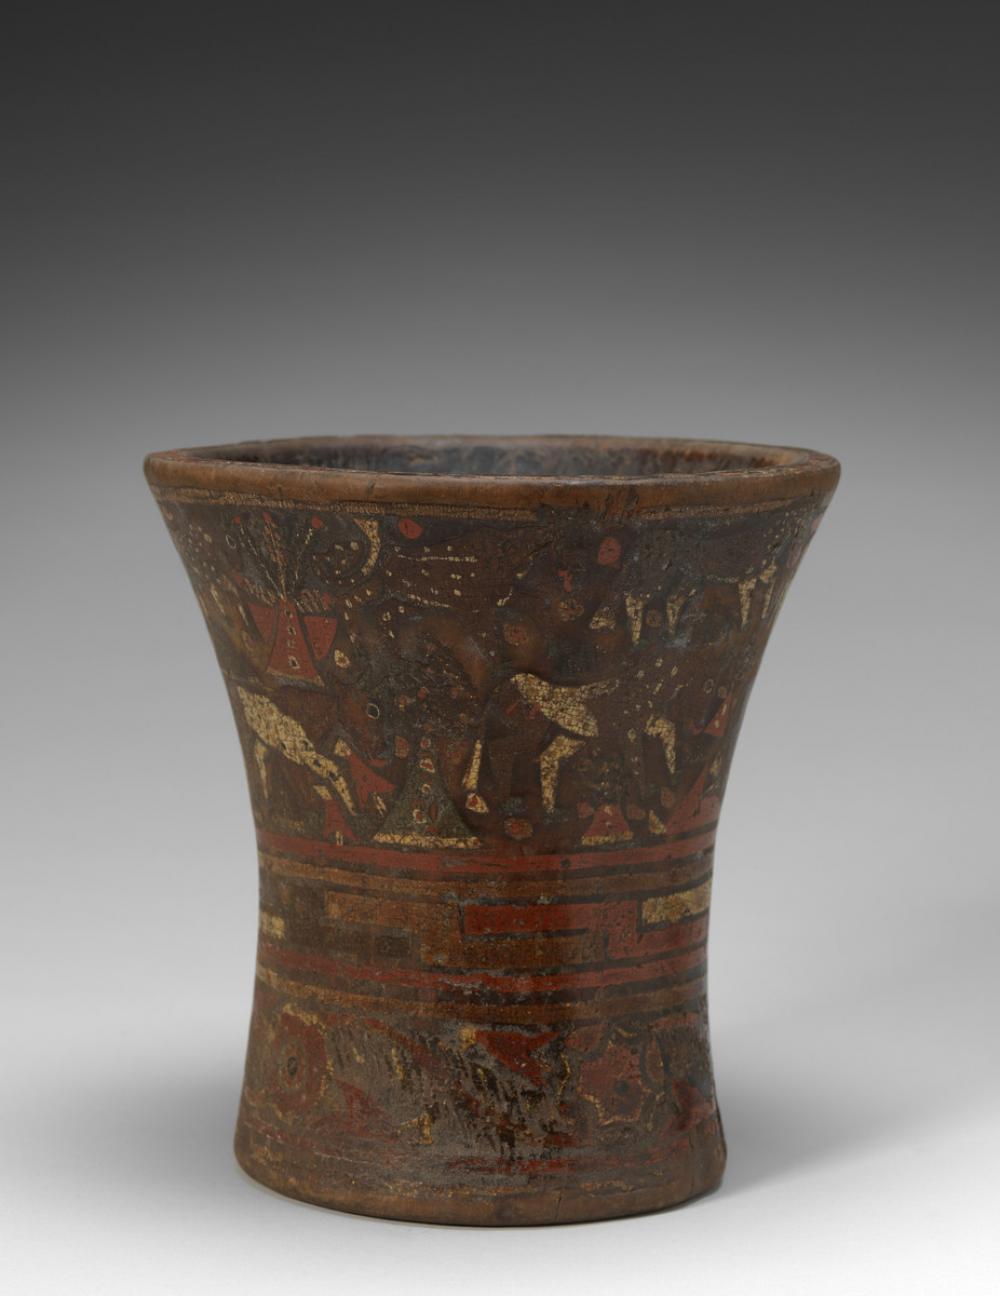 Inkan (Incan), Kero